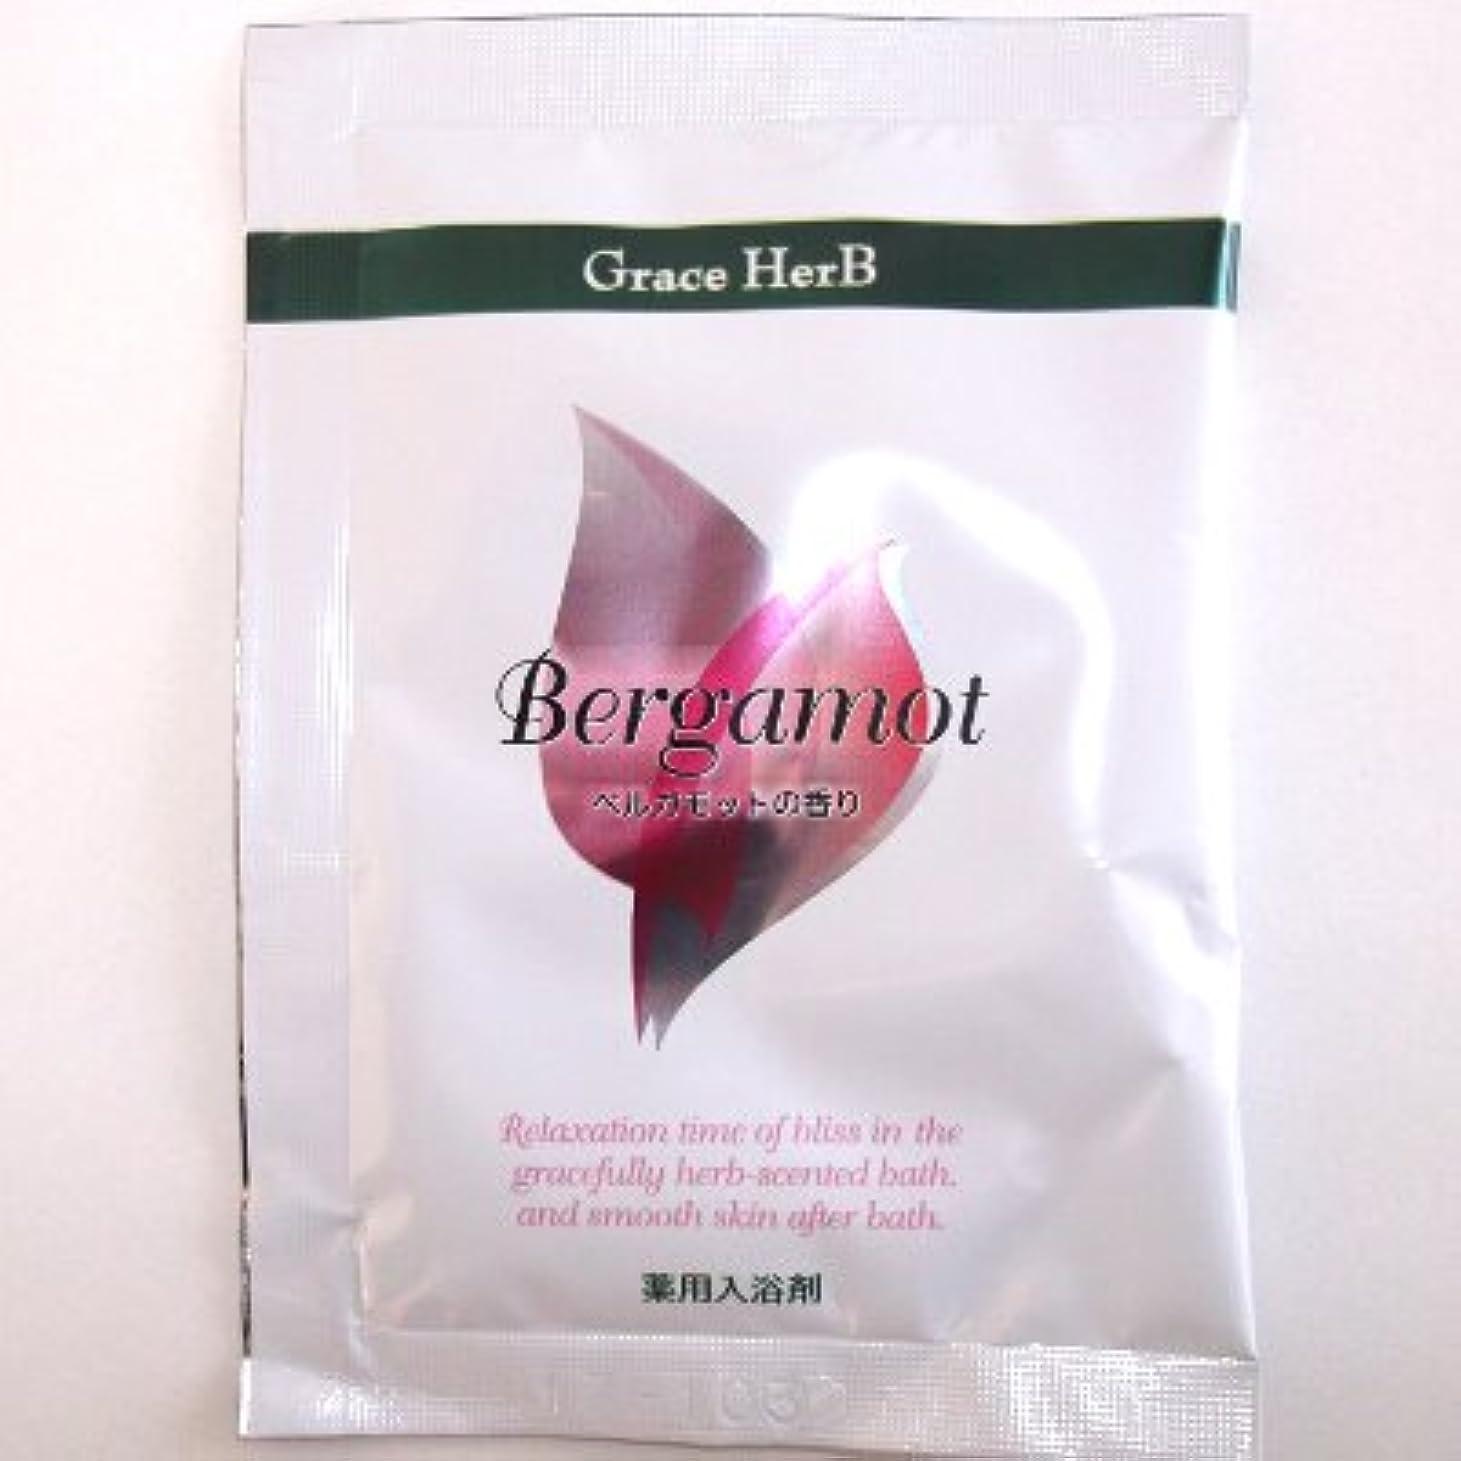 成功した啓発するアシスタント扶桑化学 グレースハーブ ベルガモットの香り 30g